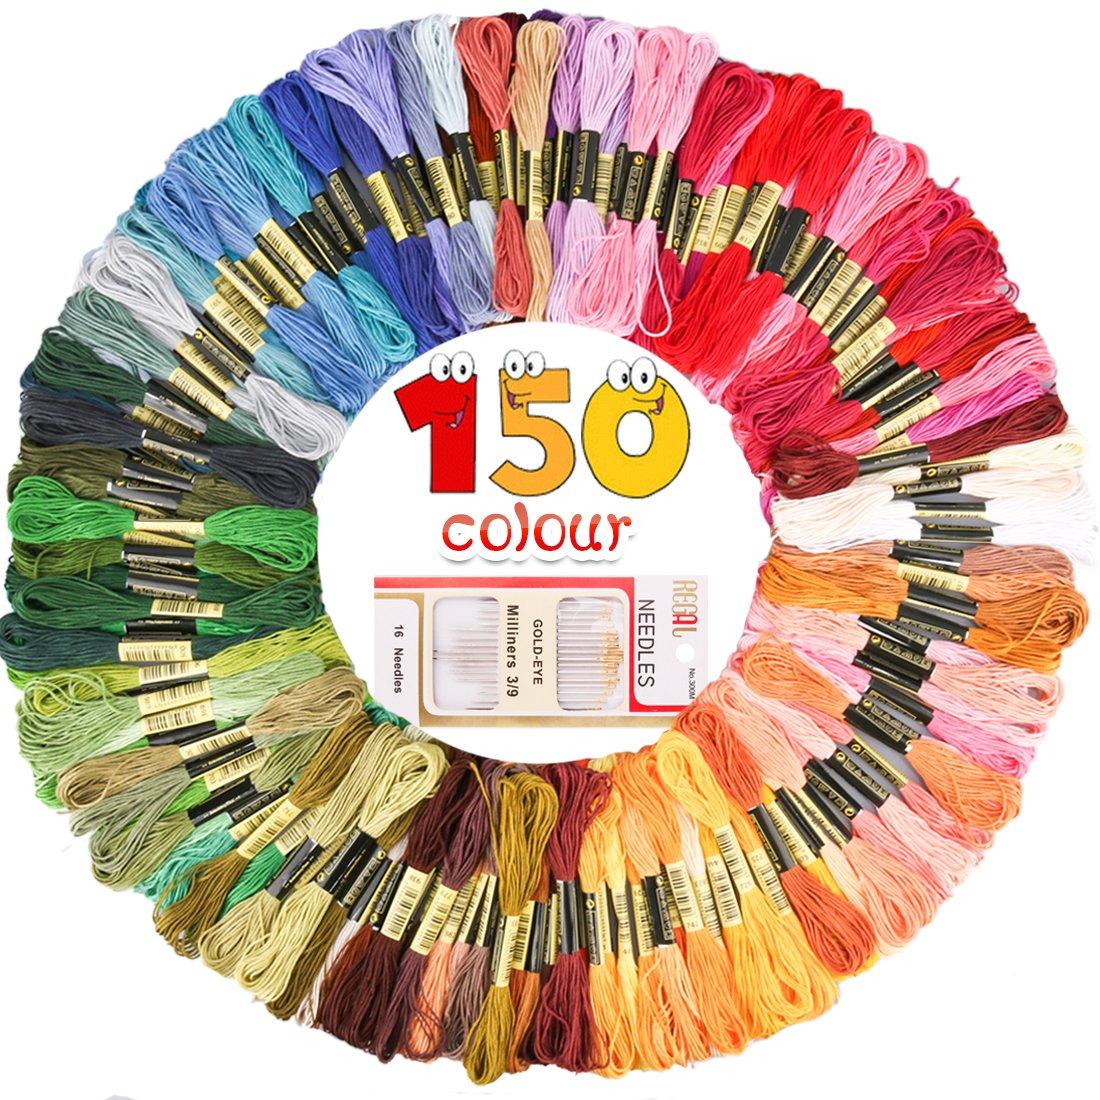 GeMoor 150 madejas de bordado con 16 agujas de bordado - 1200 m Premium color arco iris punto de cruz - hilo de punto de cruz de algodón con 6 hebras, ...